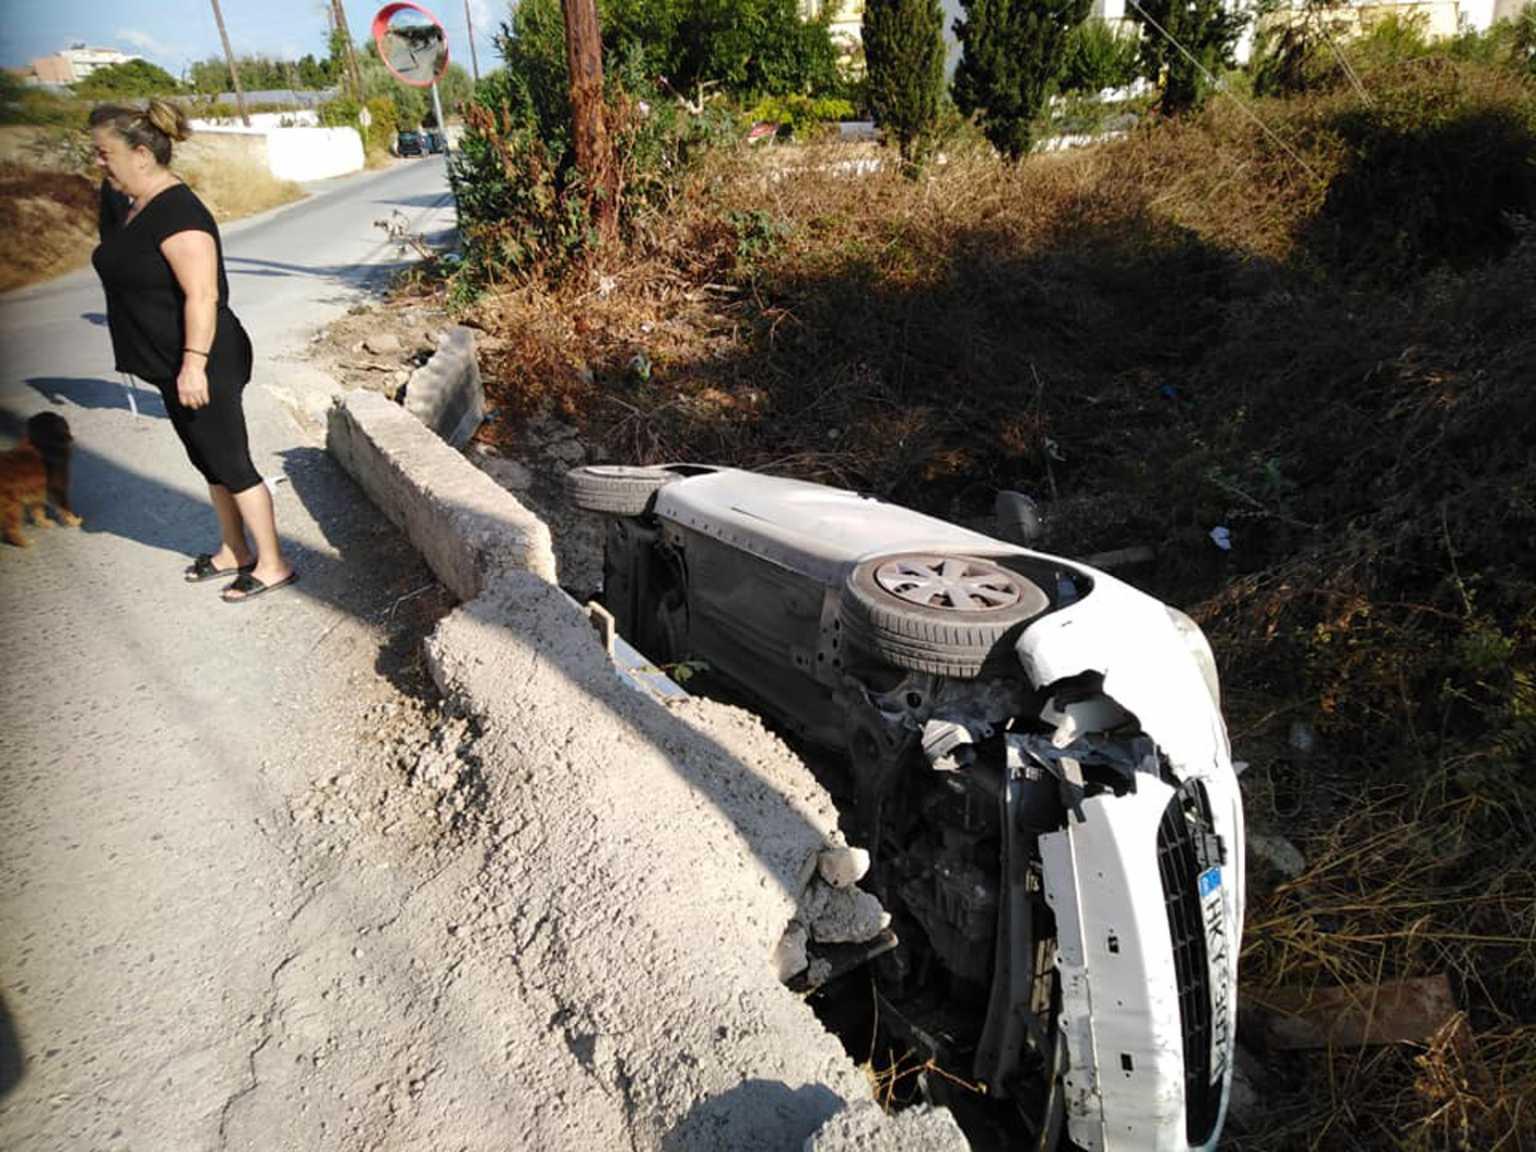 Ηράκλειο: Αυτοκίνητο έπεσε μέσα σε ρέμα